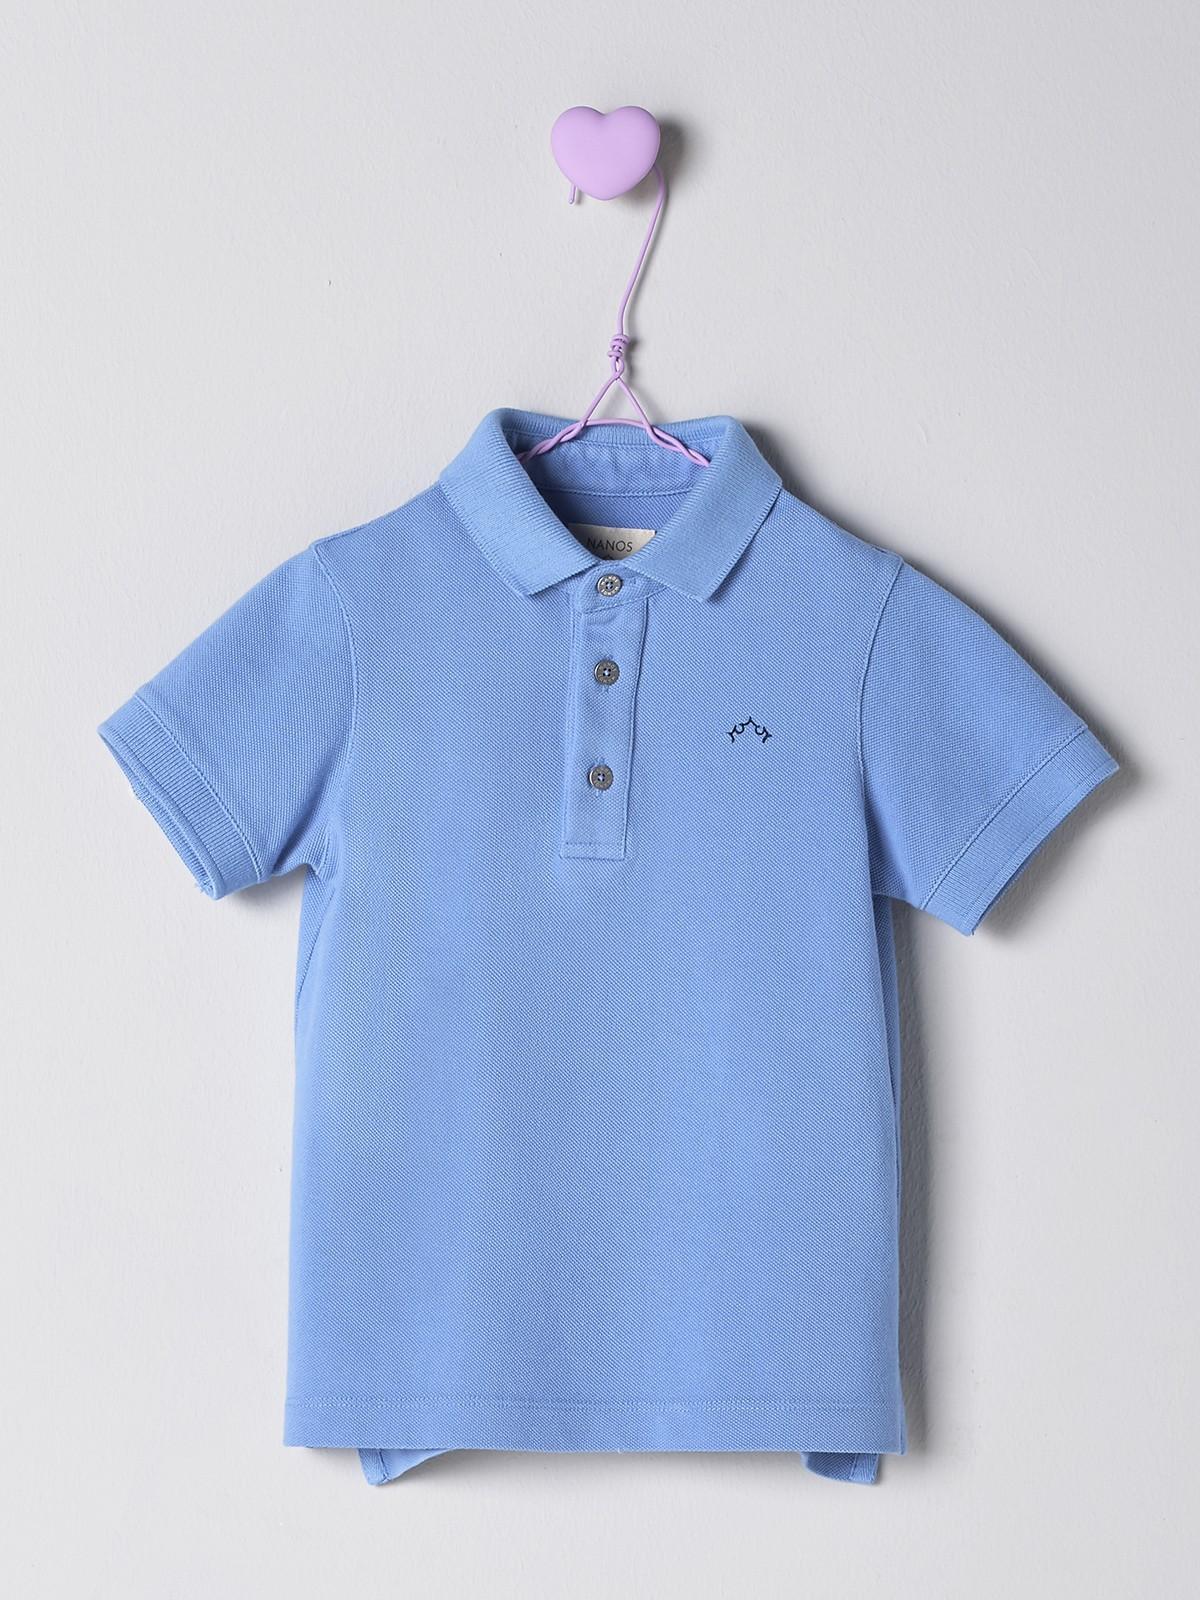 NANOS 藍色POLO衫